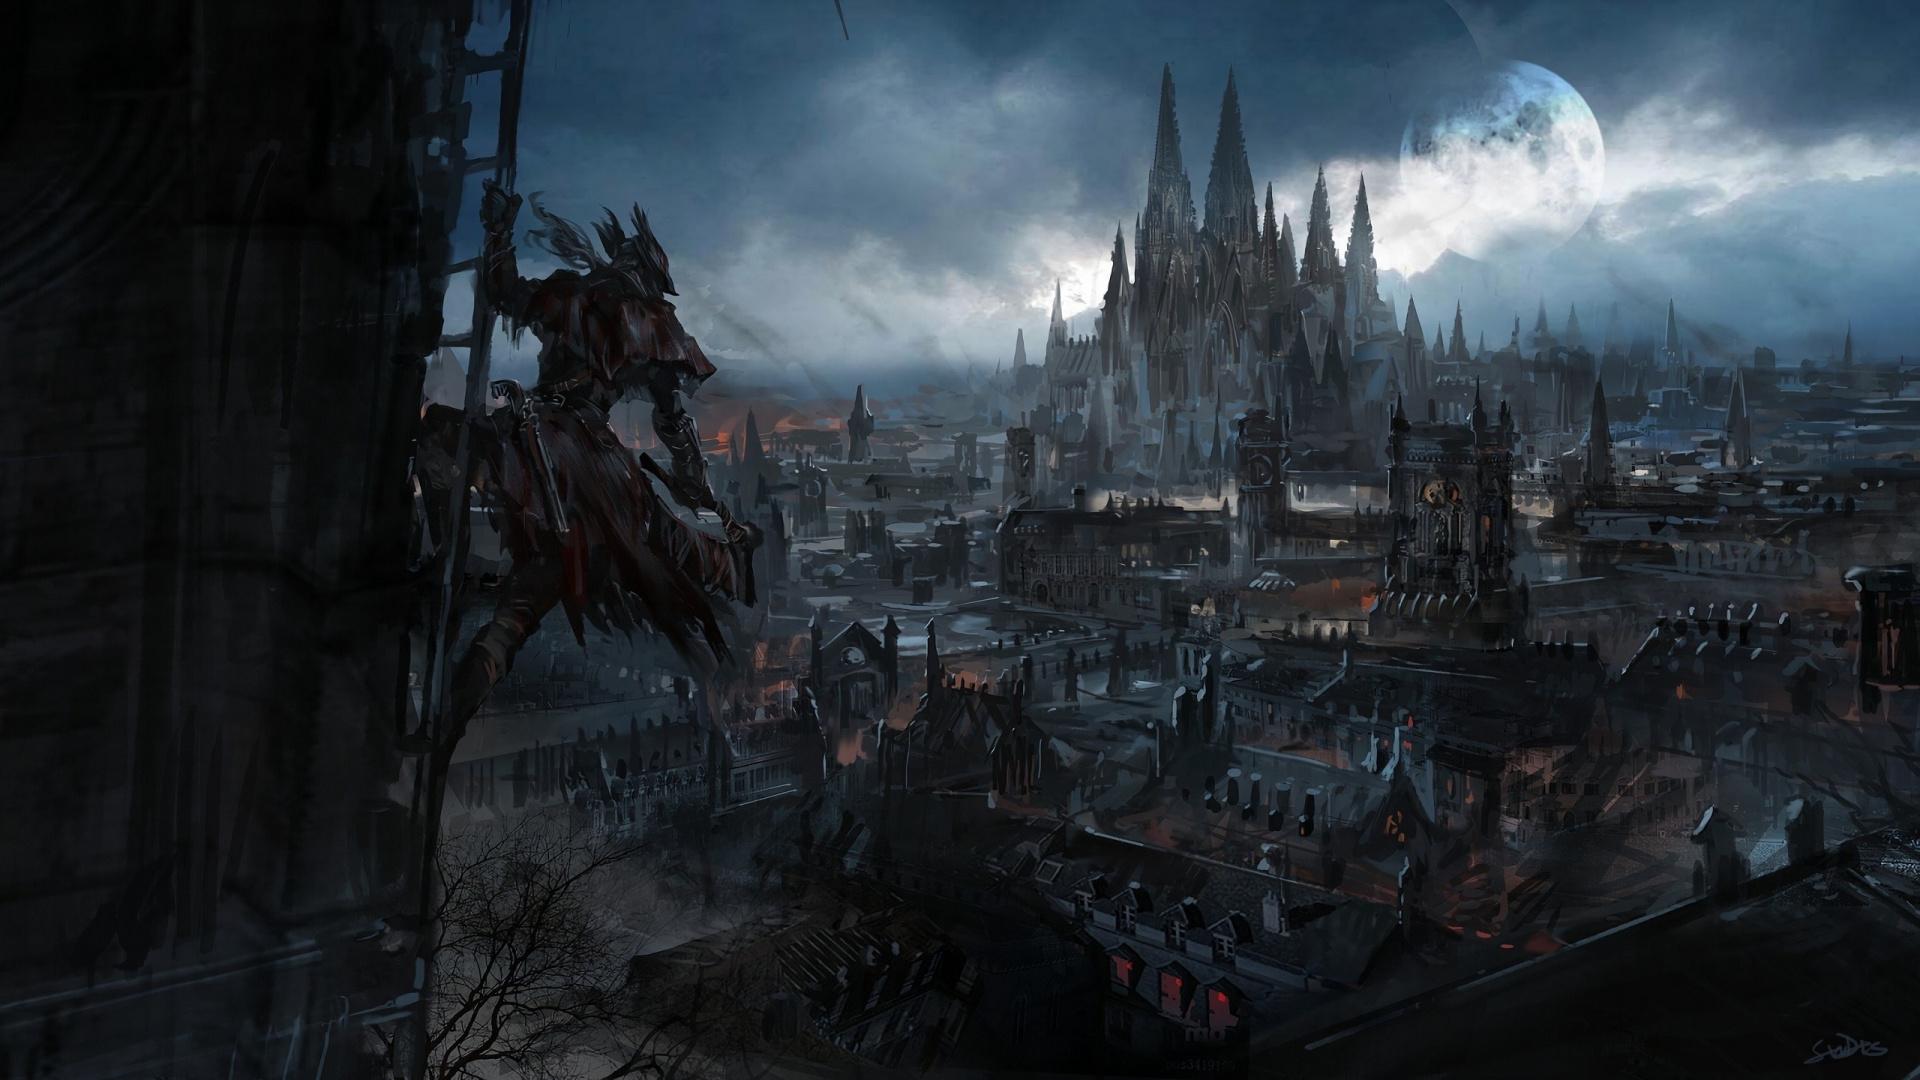 Dark Fantasy Wallpaper Hd Posted By Samantha Mercado